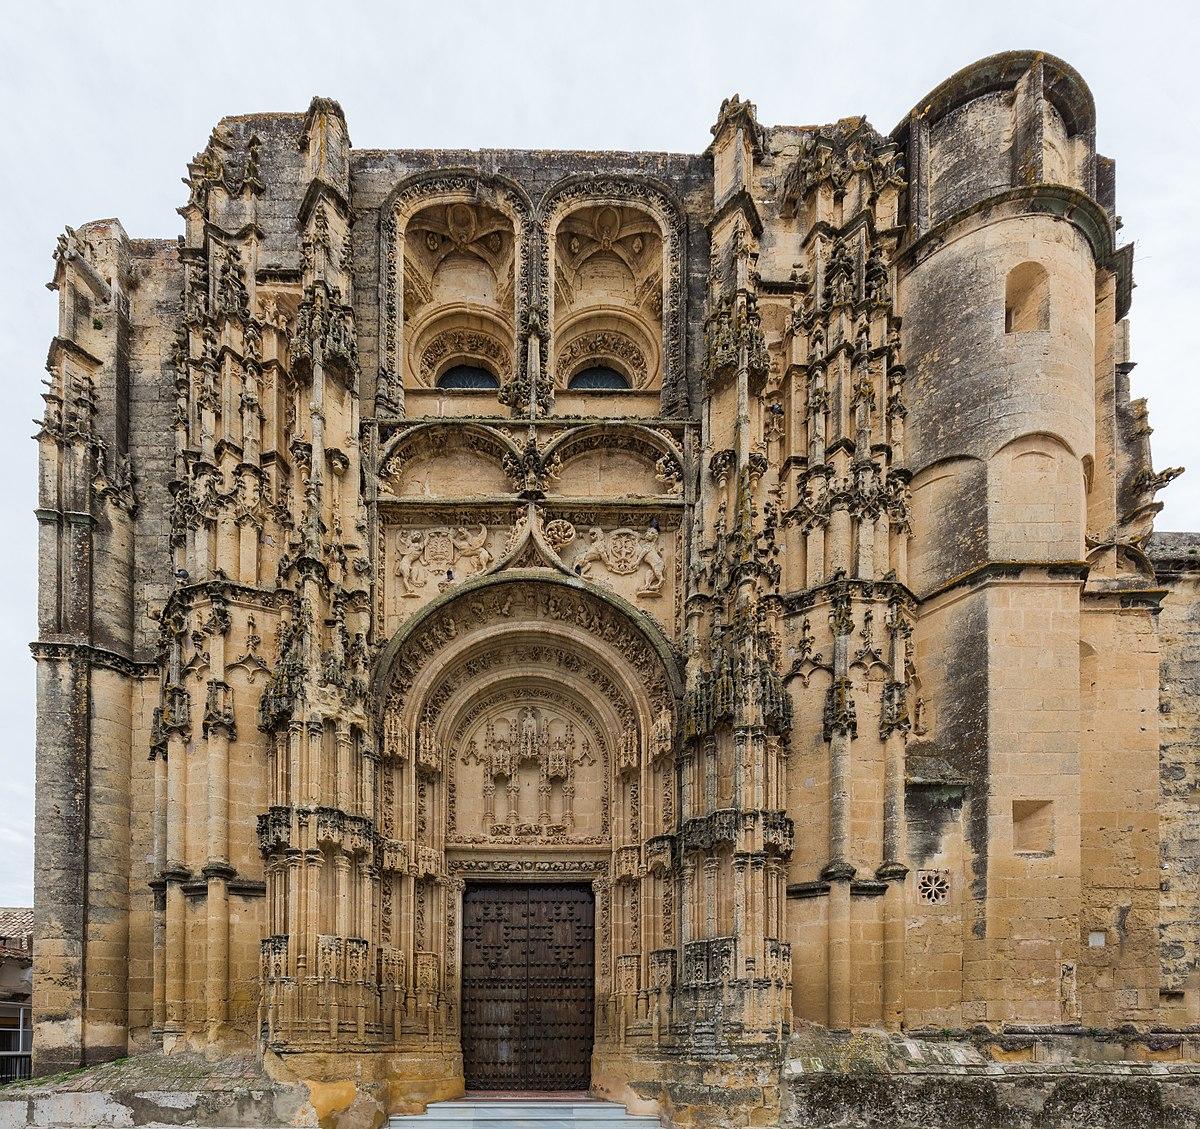 Basílica de Santa María de la Asunción (Arcos de la Frontera) - Wikipedia, la...